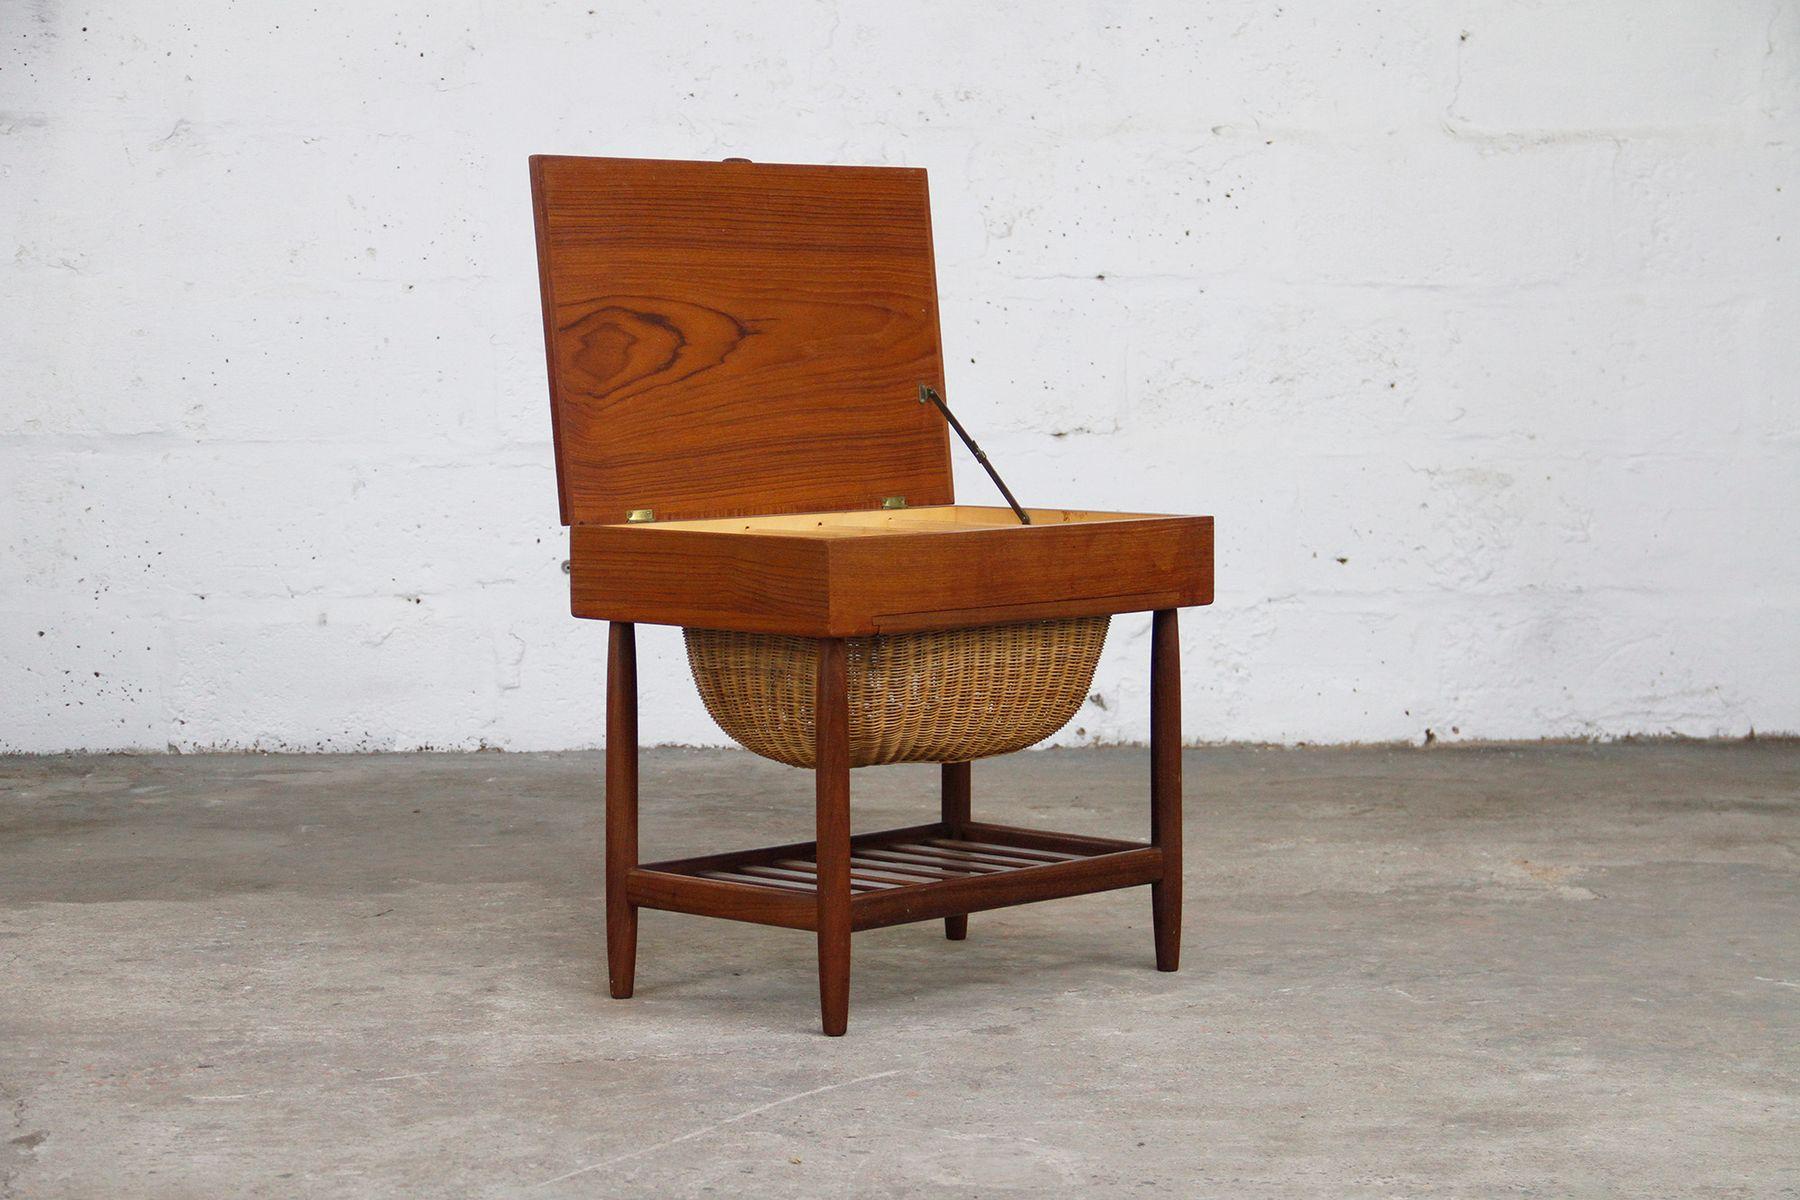 Mesa de costura danesa vintage de teca en venta en pamono - Mesa de teca ...